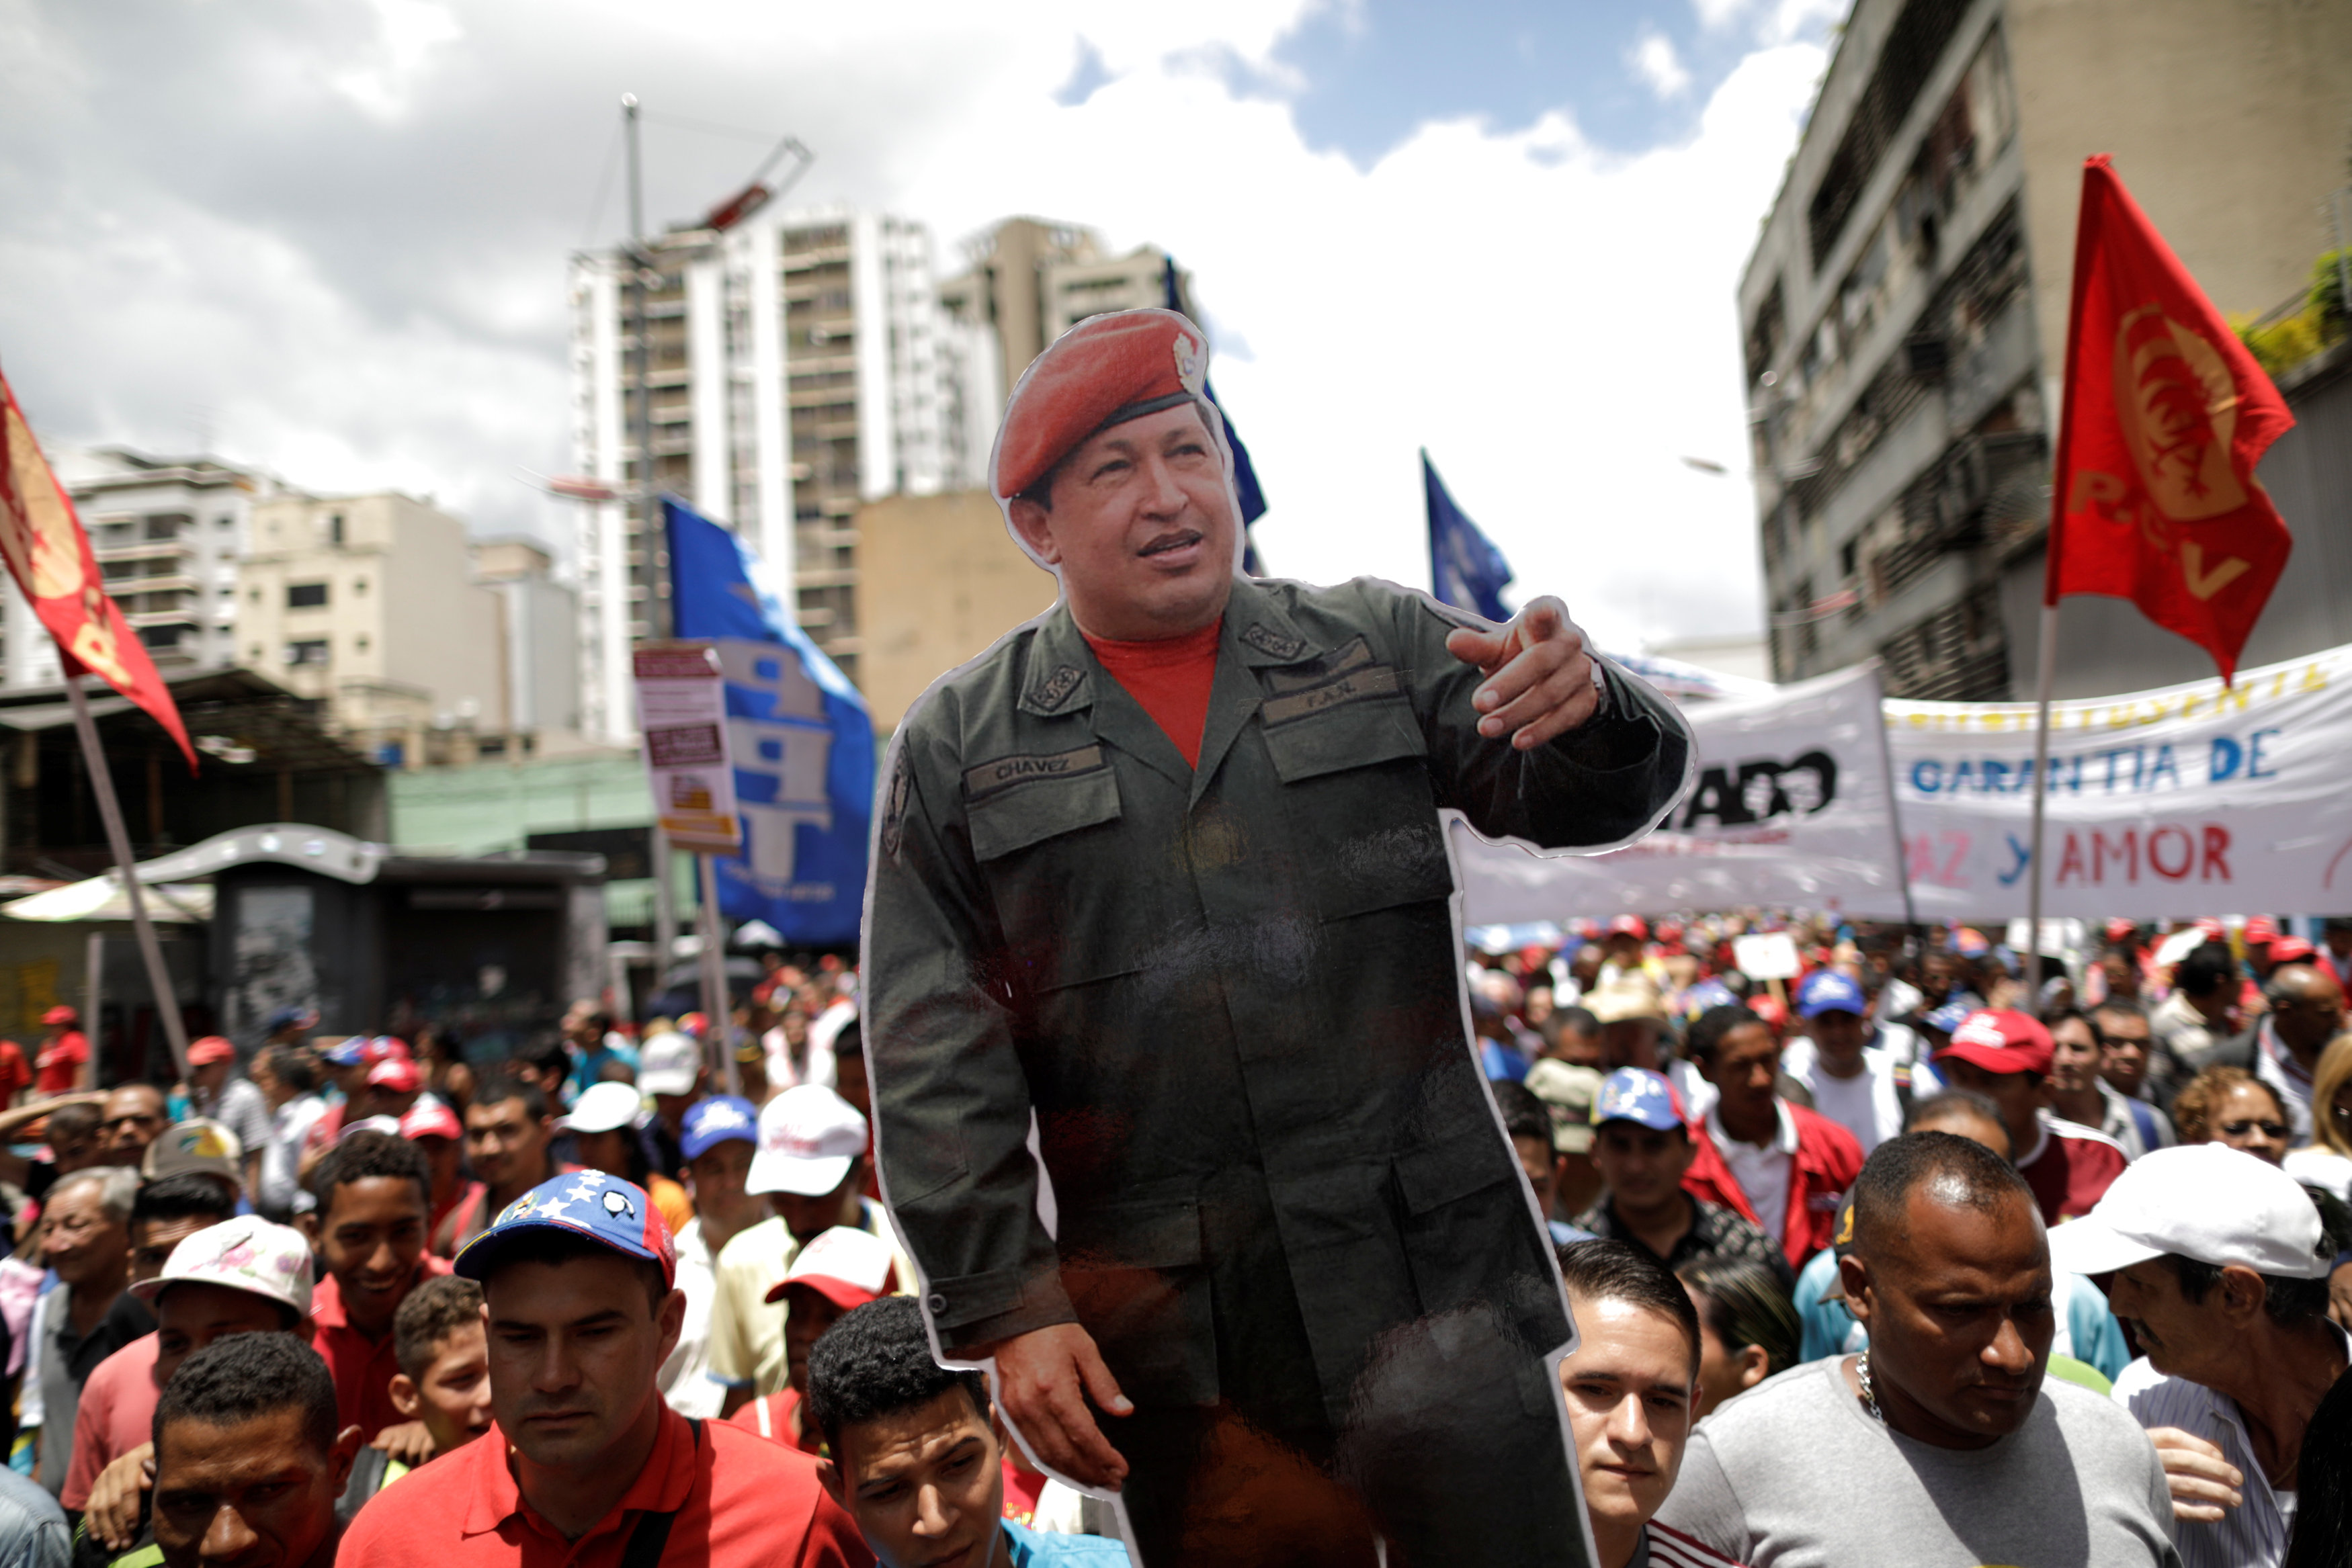 Comisión de la Verdad será instalada este domingo en Venezuela